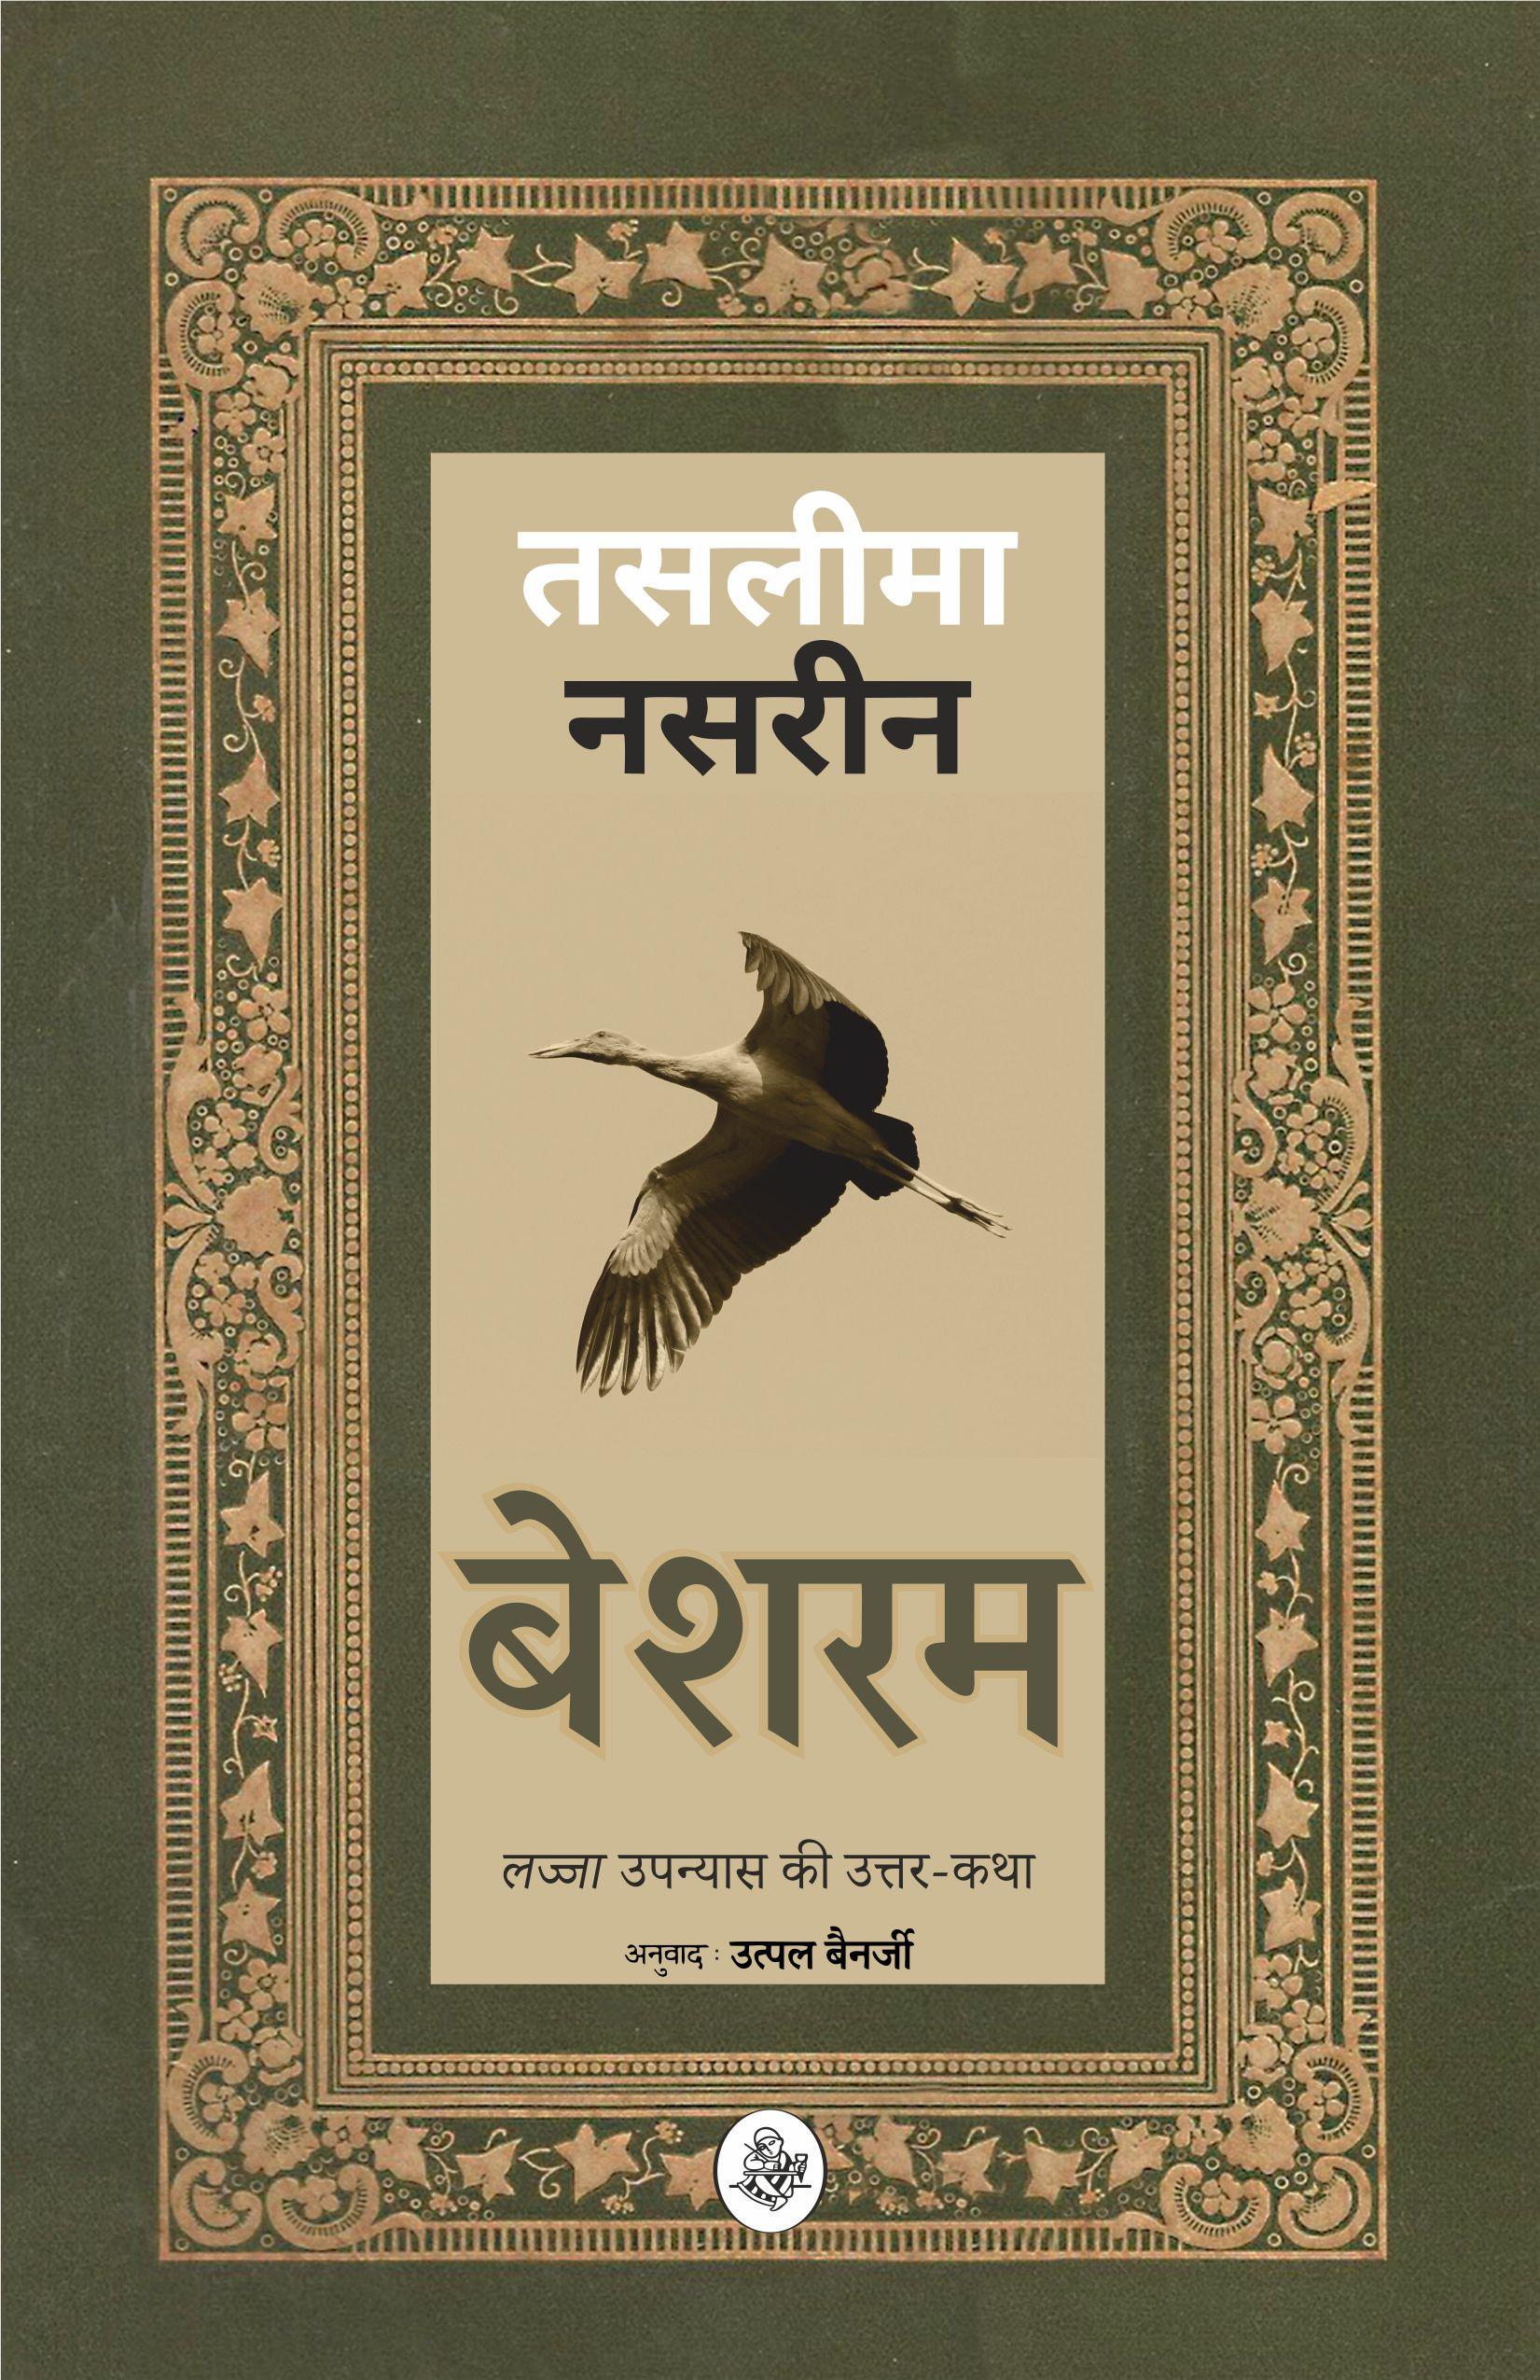 Besharam : Lajja Upanyas Ki Uttar-Katha